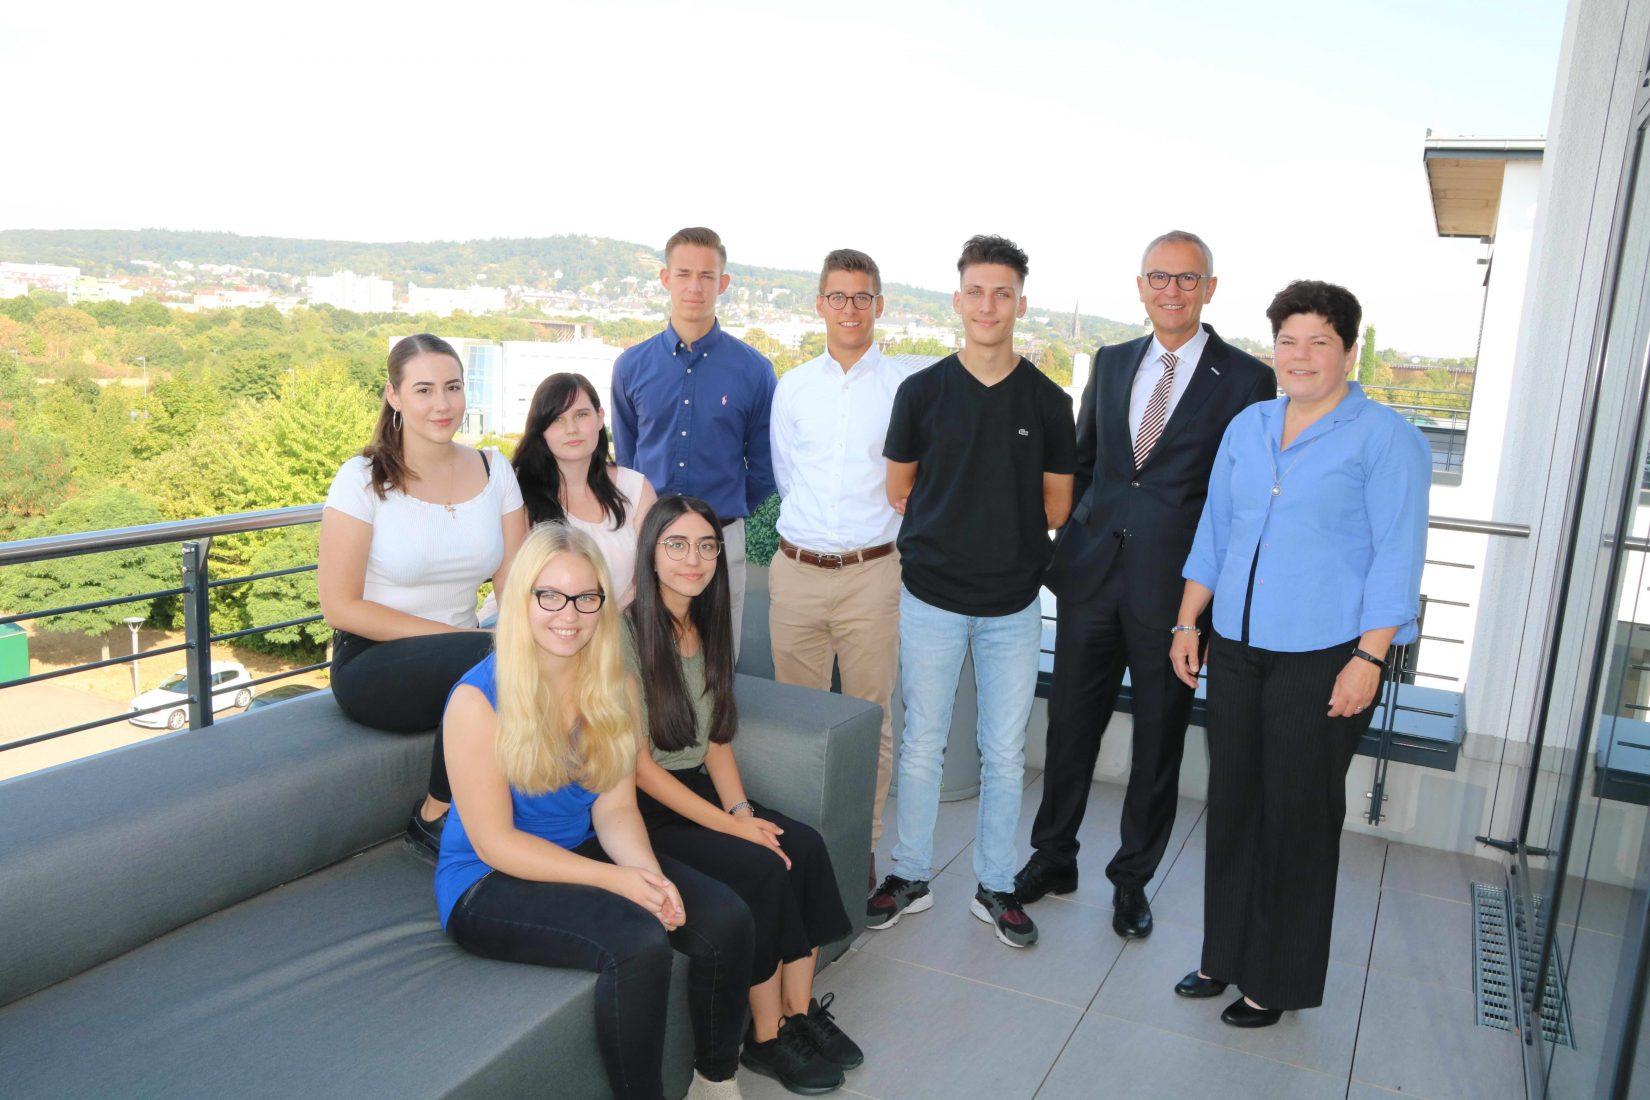 Geschäftsführer Hartmut Möller (2.v.r.) und Personalreferentin Nadja Fuchsberger (r.) mit den sechs neuen Azubis sowie der neuen Ganzjahrespraktikantin (vorne rechts). Foto: Eurobaustoff